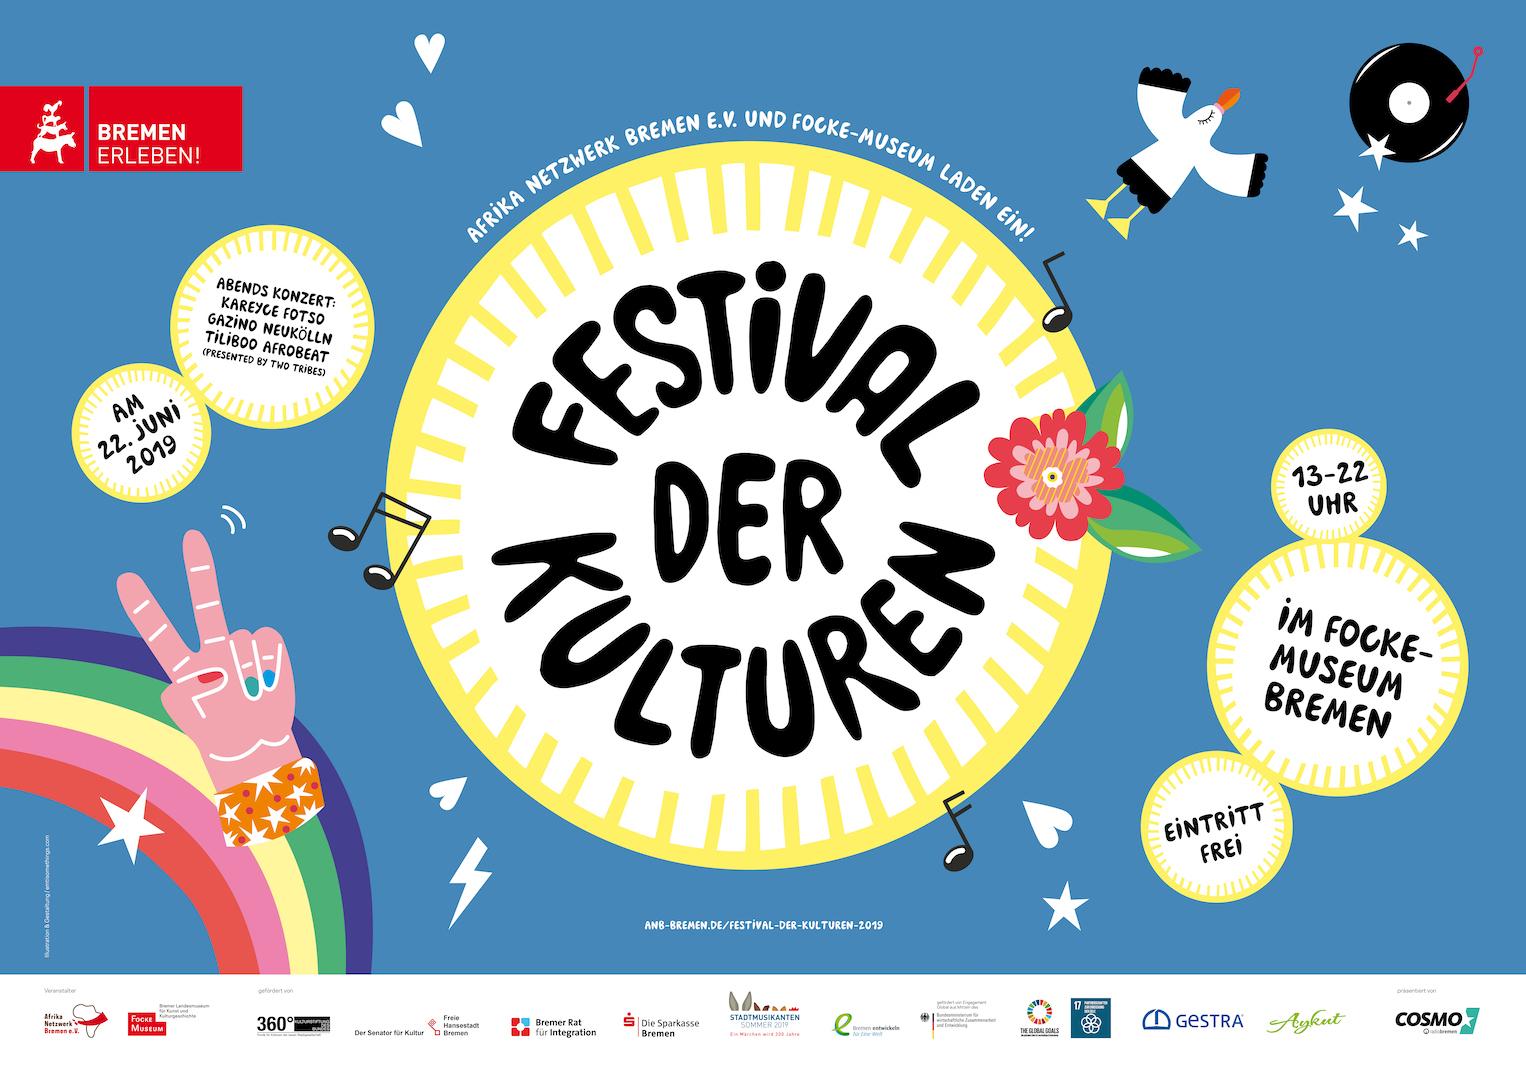 Festival der Kulturen 2019 1